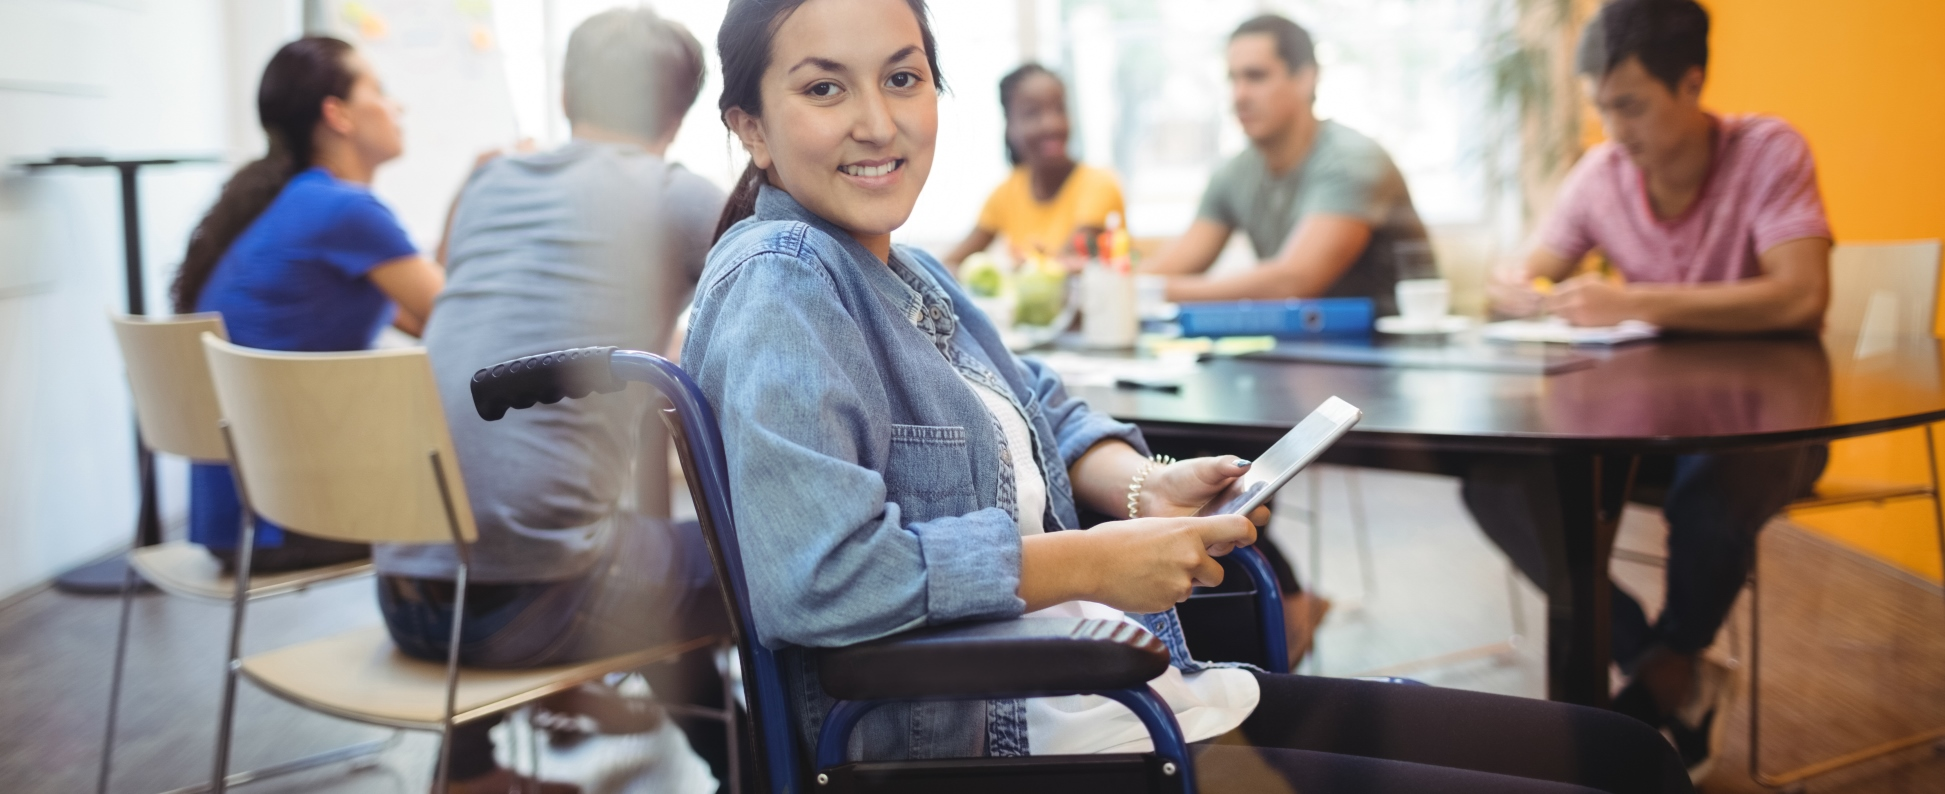 Fogyatékos fiatalok pályaválasztását segítő központot nyitnak a piaristák